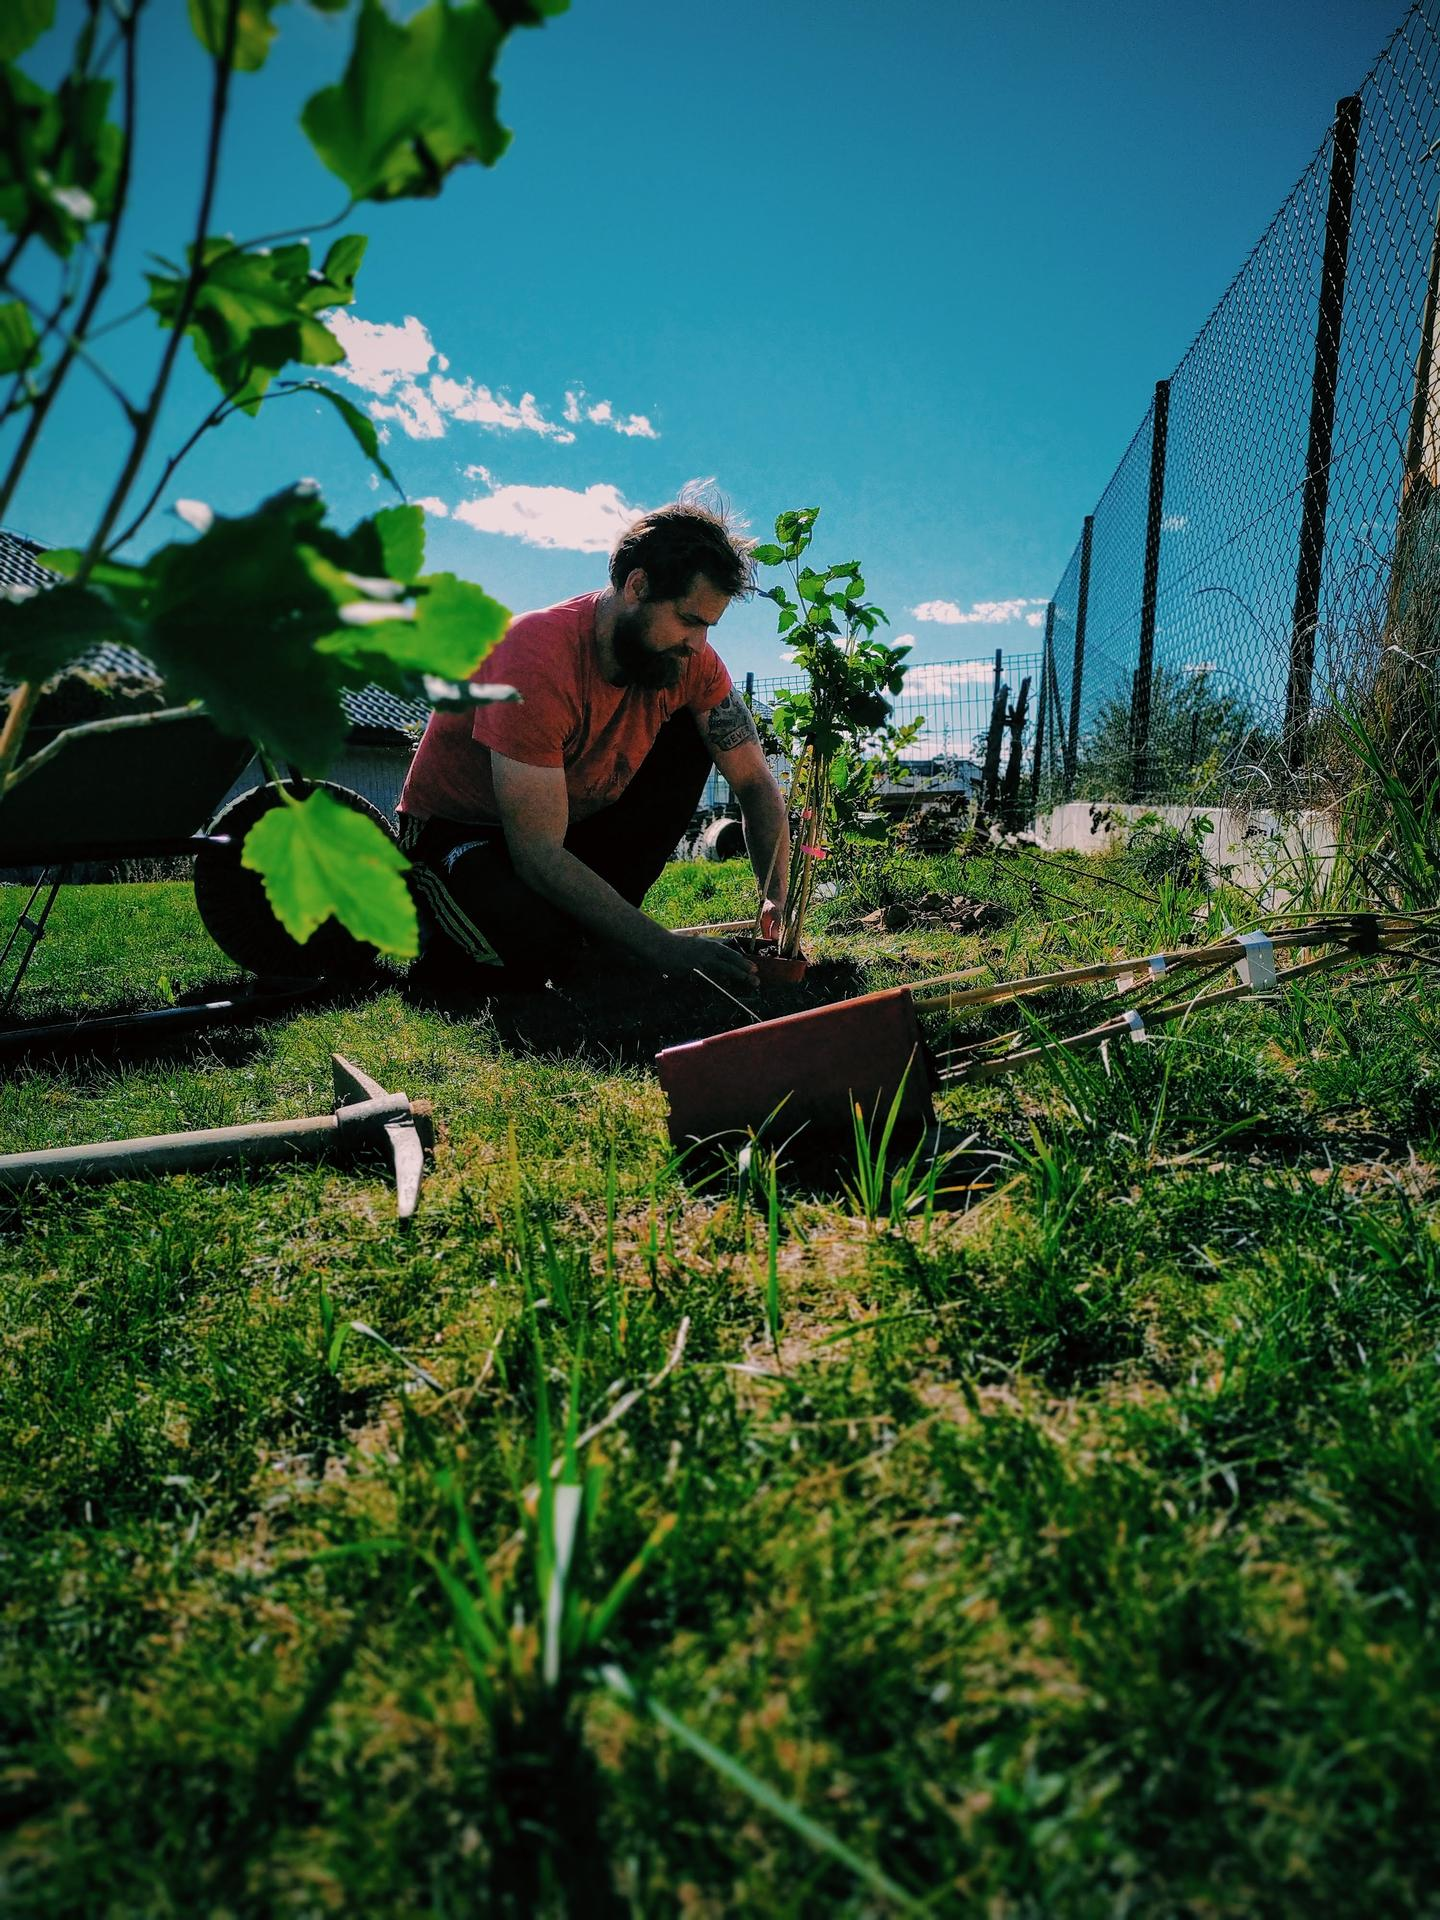 Náš domov ve svahu - Konečně jsme se dostali do zahradnictví a nakoupili  stromky a keře. Za prvé jsme chtěli rozšířit jedlou část zahrady, a tak jsme koupili dva druhy malin (klasickou a žlutou stále-plodící), malino-ostružinu, červený rybíz a dva druhy angreštů ...